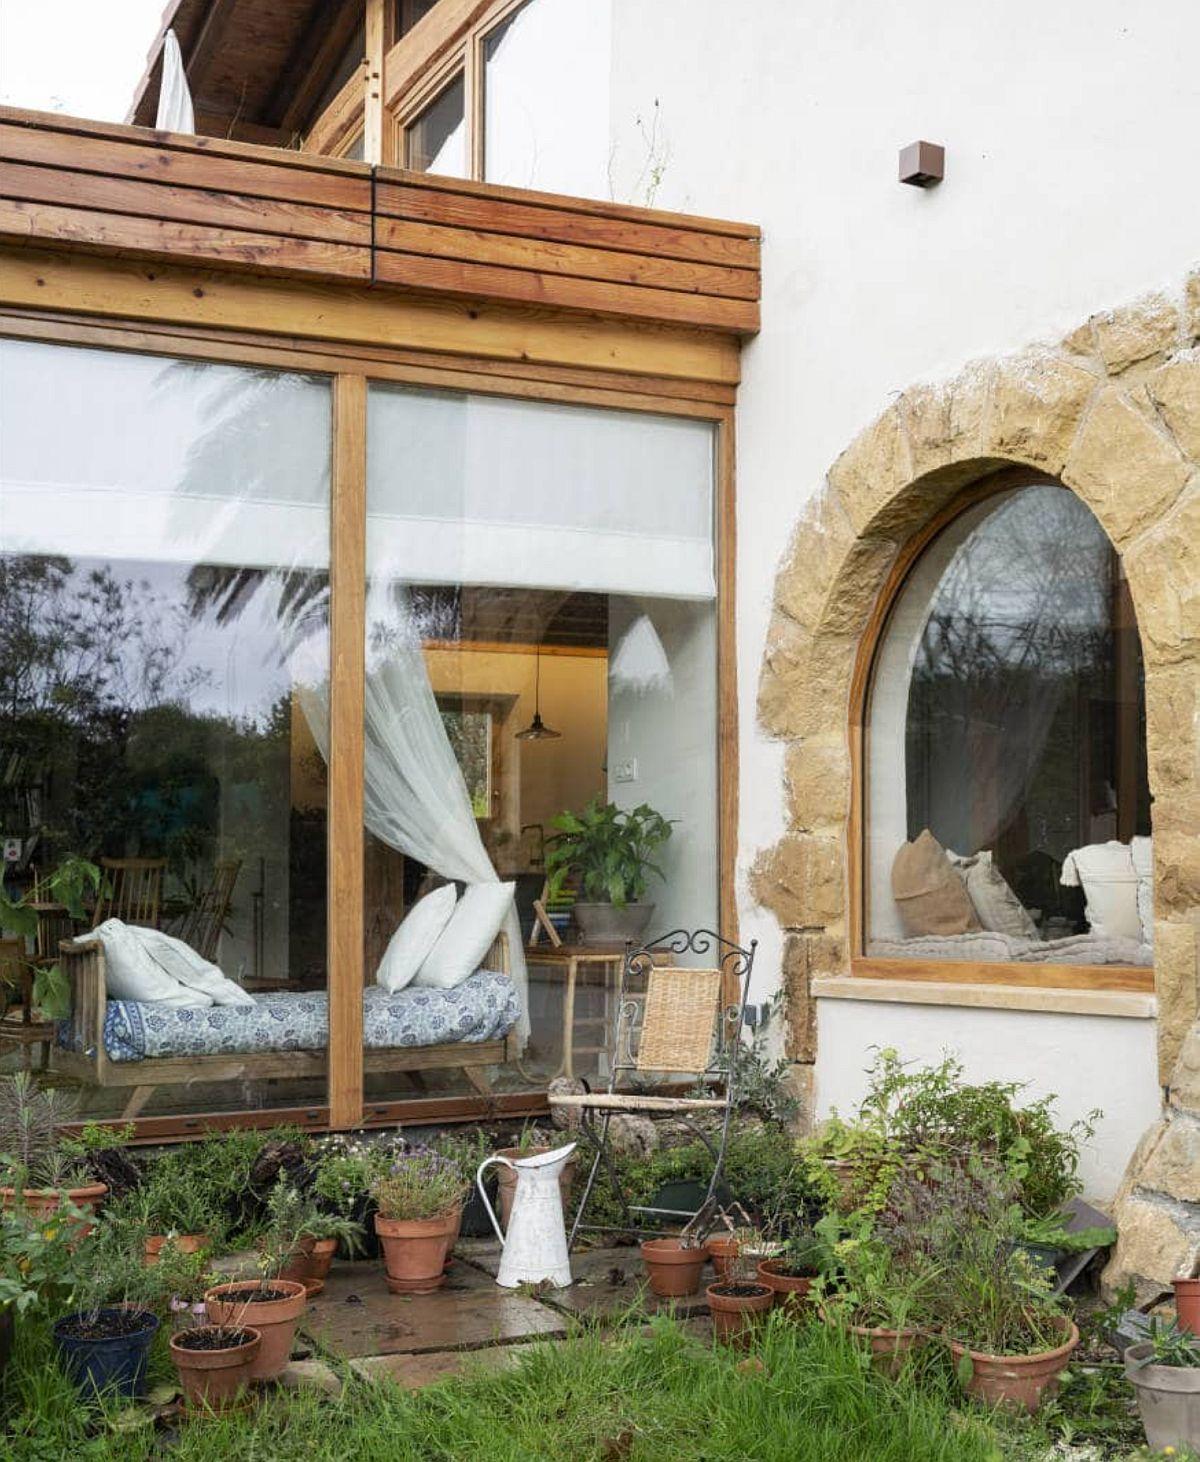 Totul pornește încă de la exteriorul casei, unde pe fundalul alb se profilează frumos arcadele îmbrăcate în piatră ale ferestrelor, dar și elementele de tâmplărie din lemn.